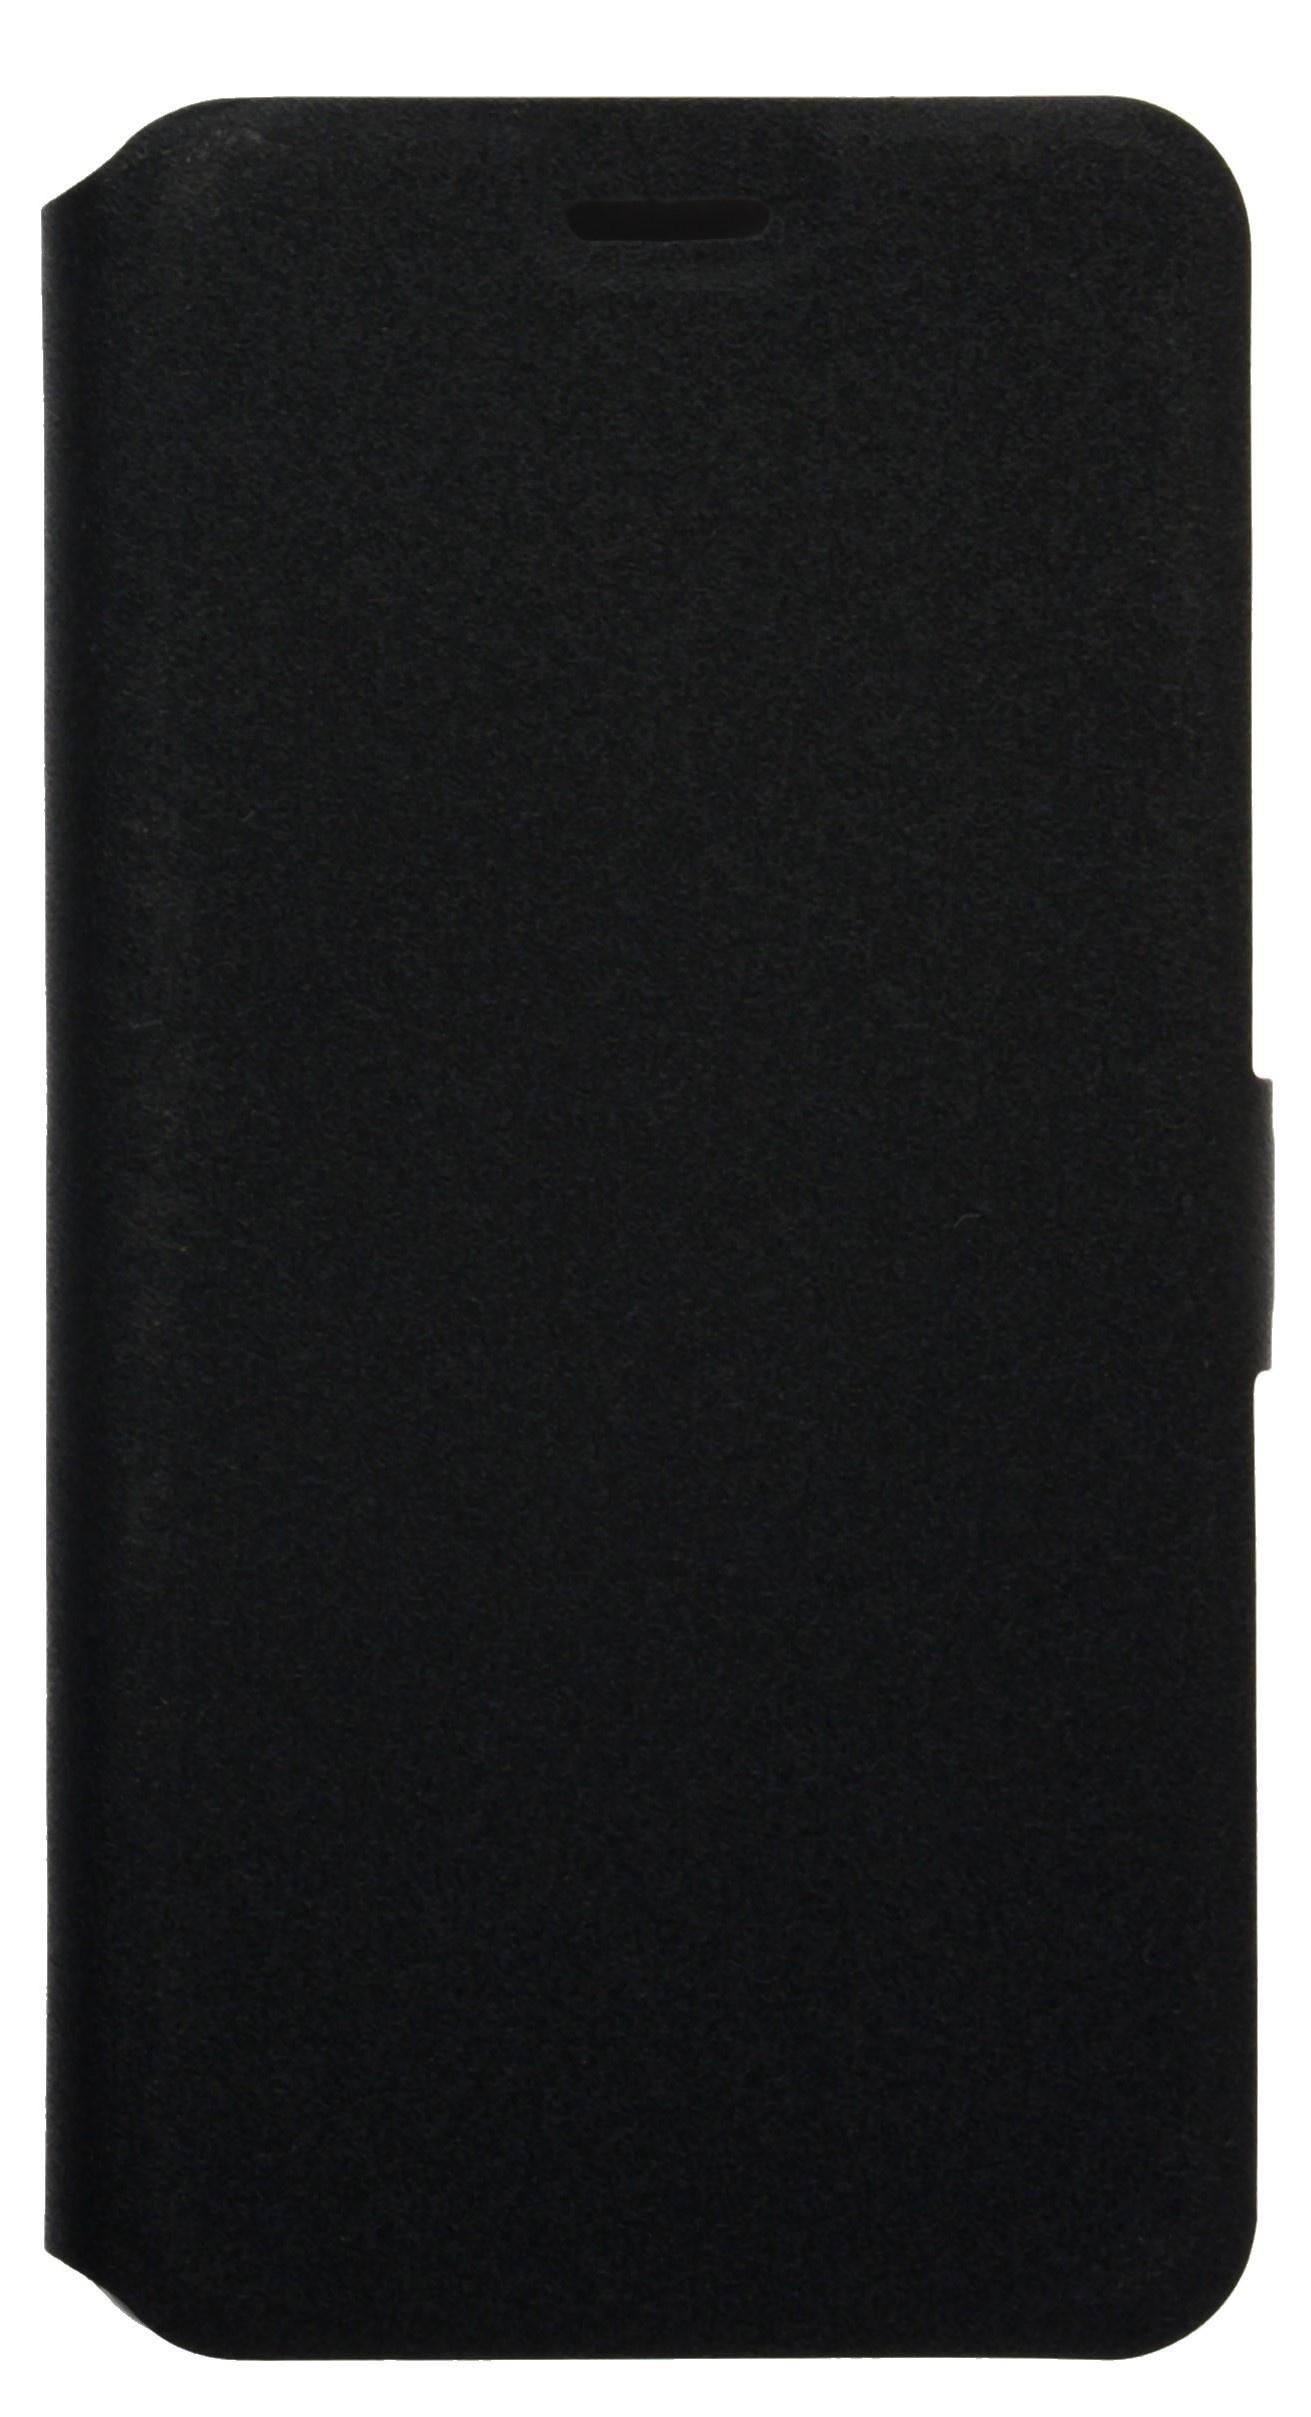 Чехол для сотового телефона PRIME Book, 4630042521438, черный недорого